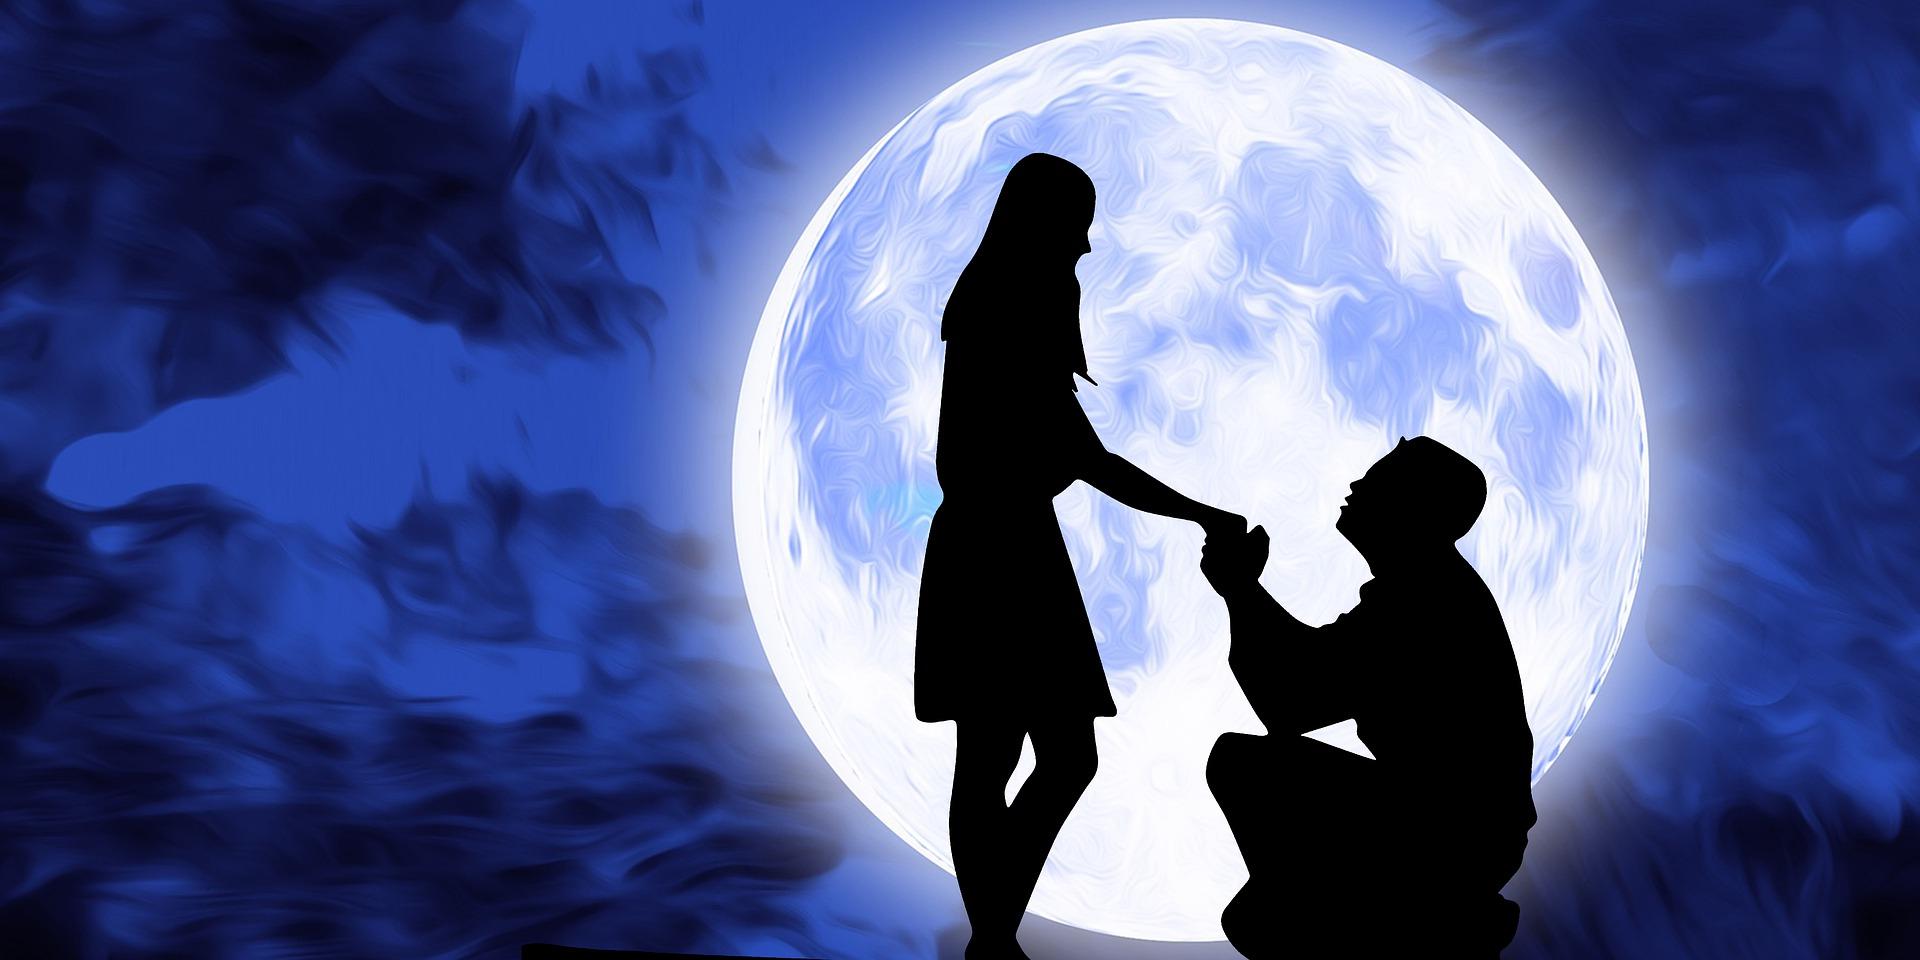 كيفية التعامل مع الفتاة العنيدة وجعلها تقع في حبك